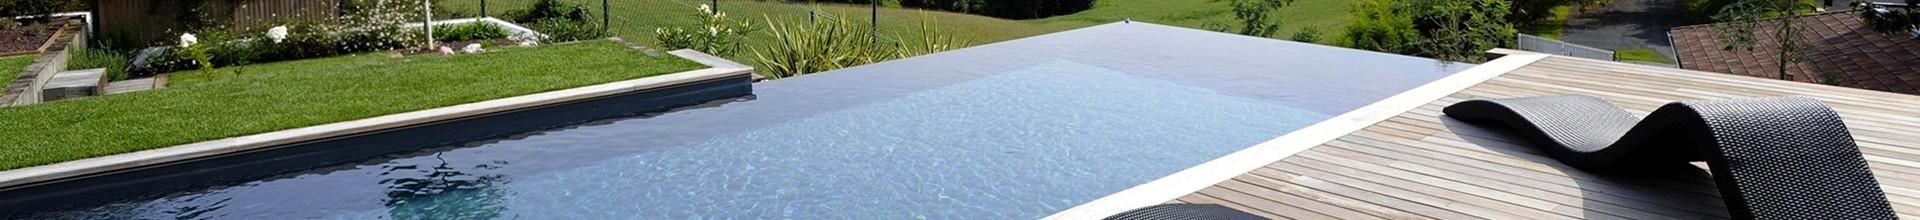 Direct usine, piscine coque prix Drôme